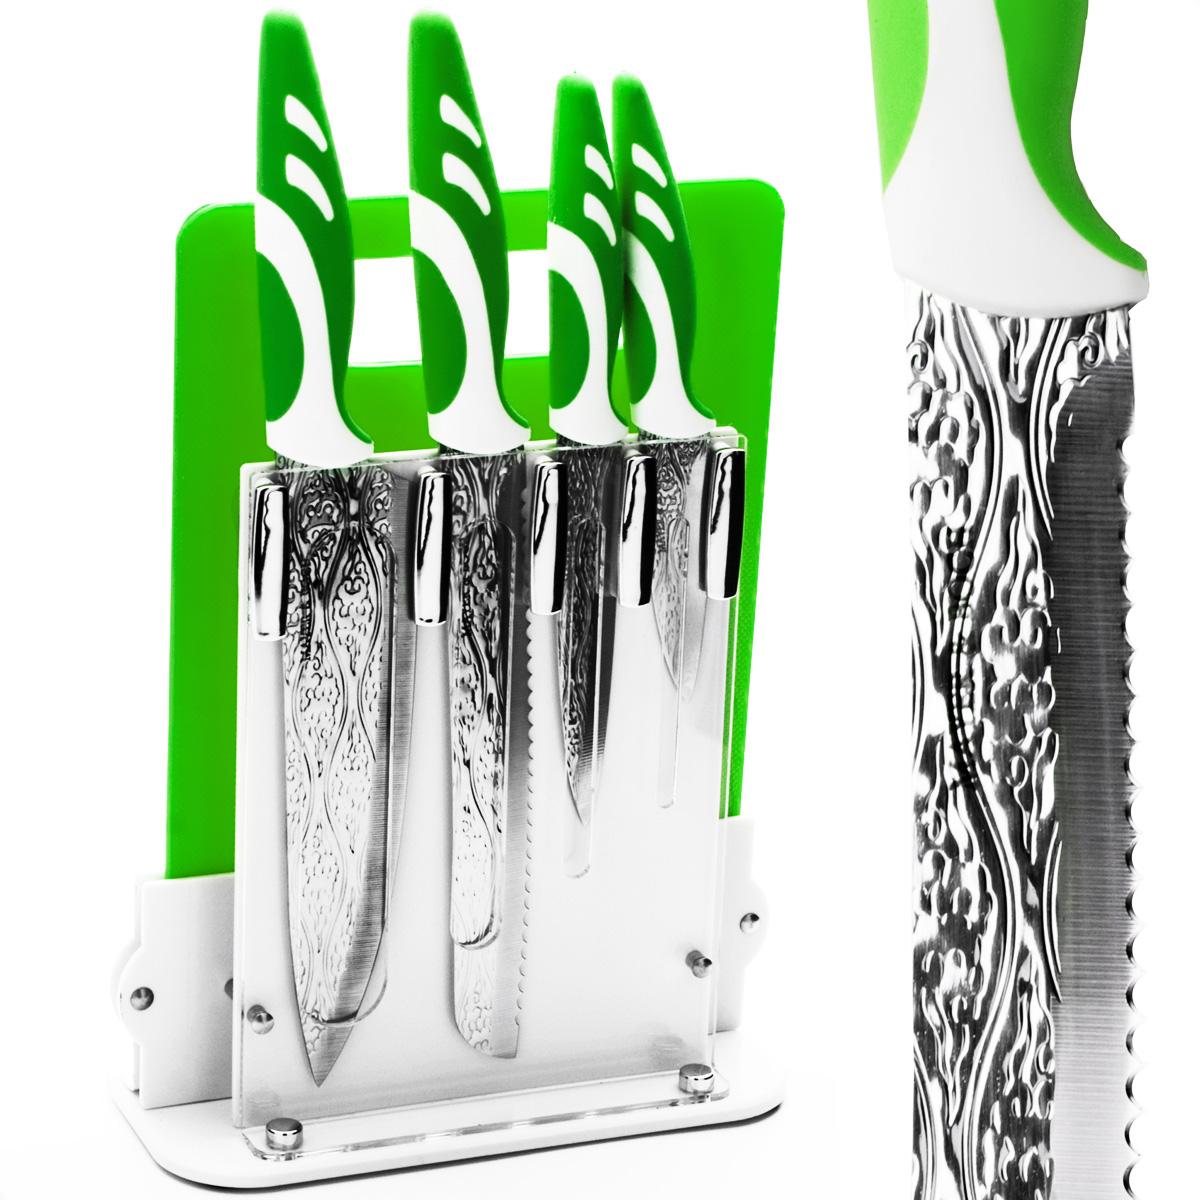 Набор ножей Mayer & Boch, 6 предметов. 2413324133Набор ножей Mayer & Boch состоит из 4 ножей, разделочной доски и подставки. Ножи выполнены из нержавеющей стали, ручки из полипропилена и каучука. Удобная акриловая подставка поможет хранить ножи в одном месте. Разделочная доска изготовлена из полипропилена и прекрасно подойдет для резки любых продуктов. Оригинальный набор ножей великолепно украсит интерьер кухни и станет замечательным помощником. Можно мыть в посудомоечной машине. Длина лезвия поварского ножа: 20,3 см. Общая длина поварского ножа: 33 см. Длина лезвия хлебного ножа: 20,3 см. Общая длина хлебного ножа: 33 см. Длина лезвия универсального ножа: 12,7 см. Общая длина универсального ножа: 24 см. Длина лезвия ножа для очистки: 8,9 см. Общая длина ножа для очистки: 20 см. Размер подставки (ДхШхВ): 21 см х 9 см х 22 см. Размер разделочной доски: 28,8 см х 19 см х 0,5 см.